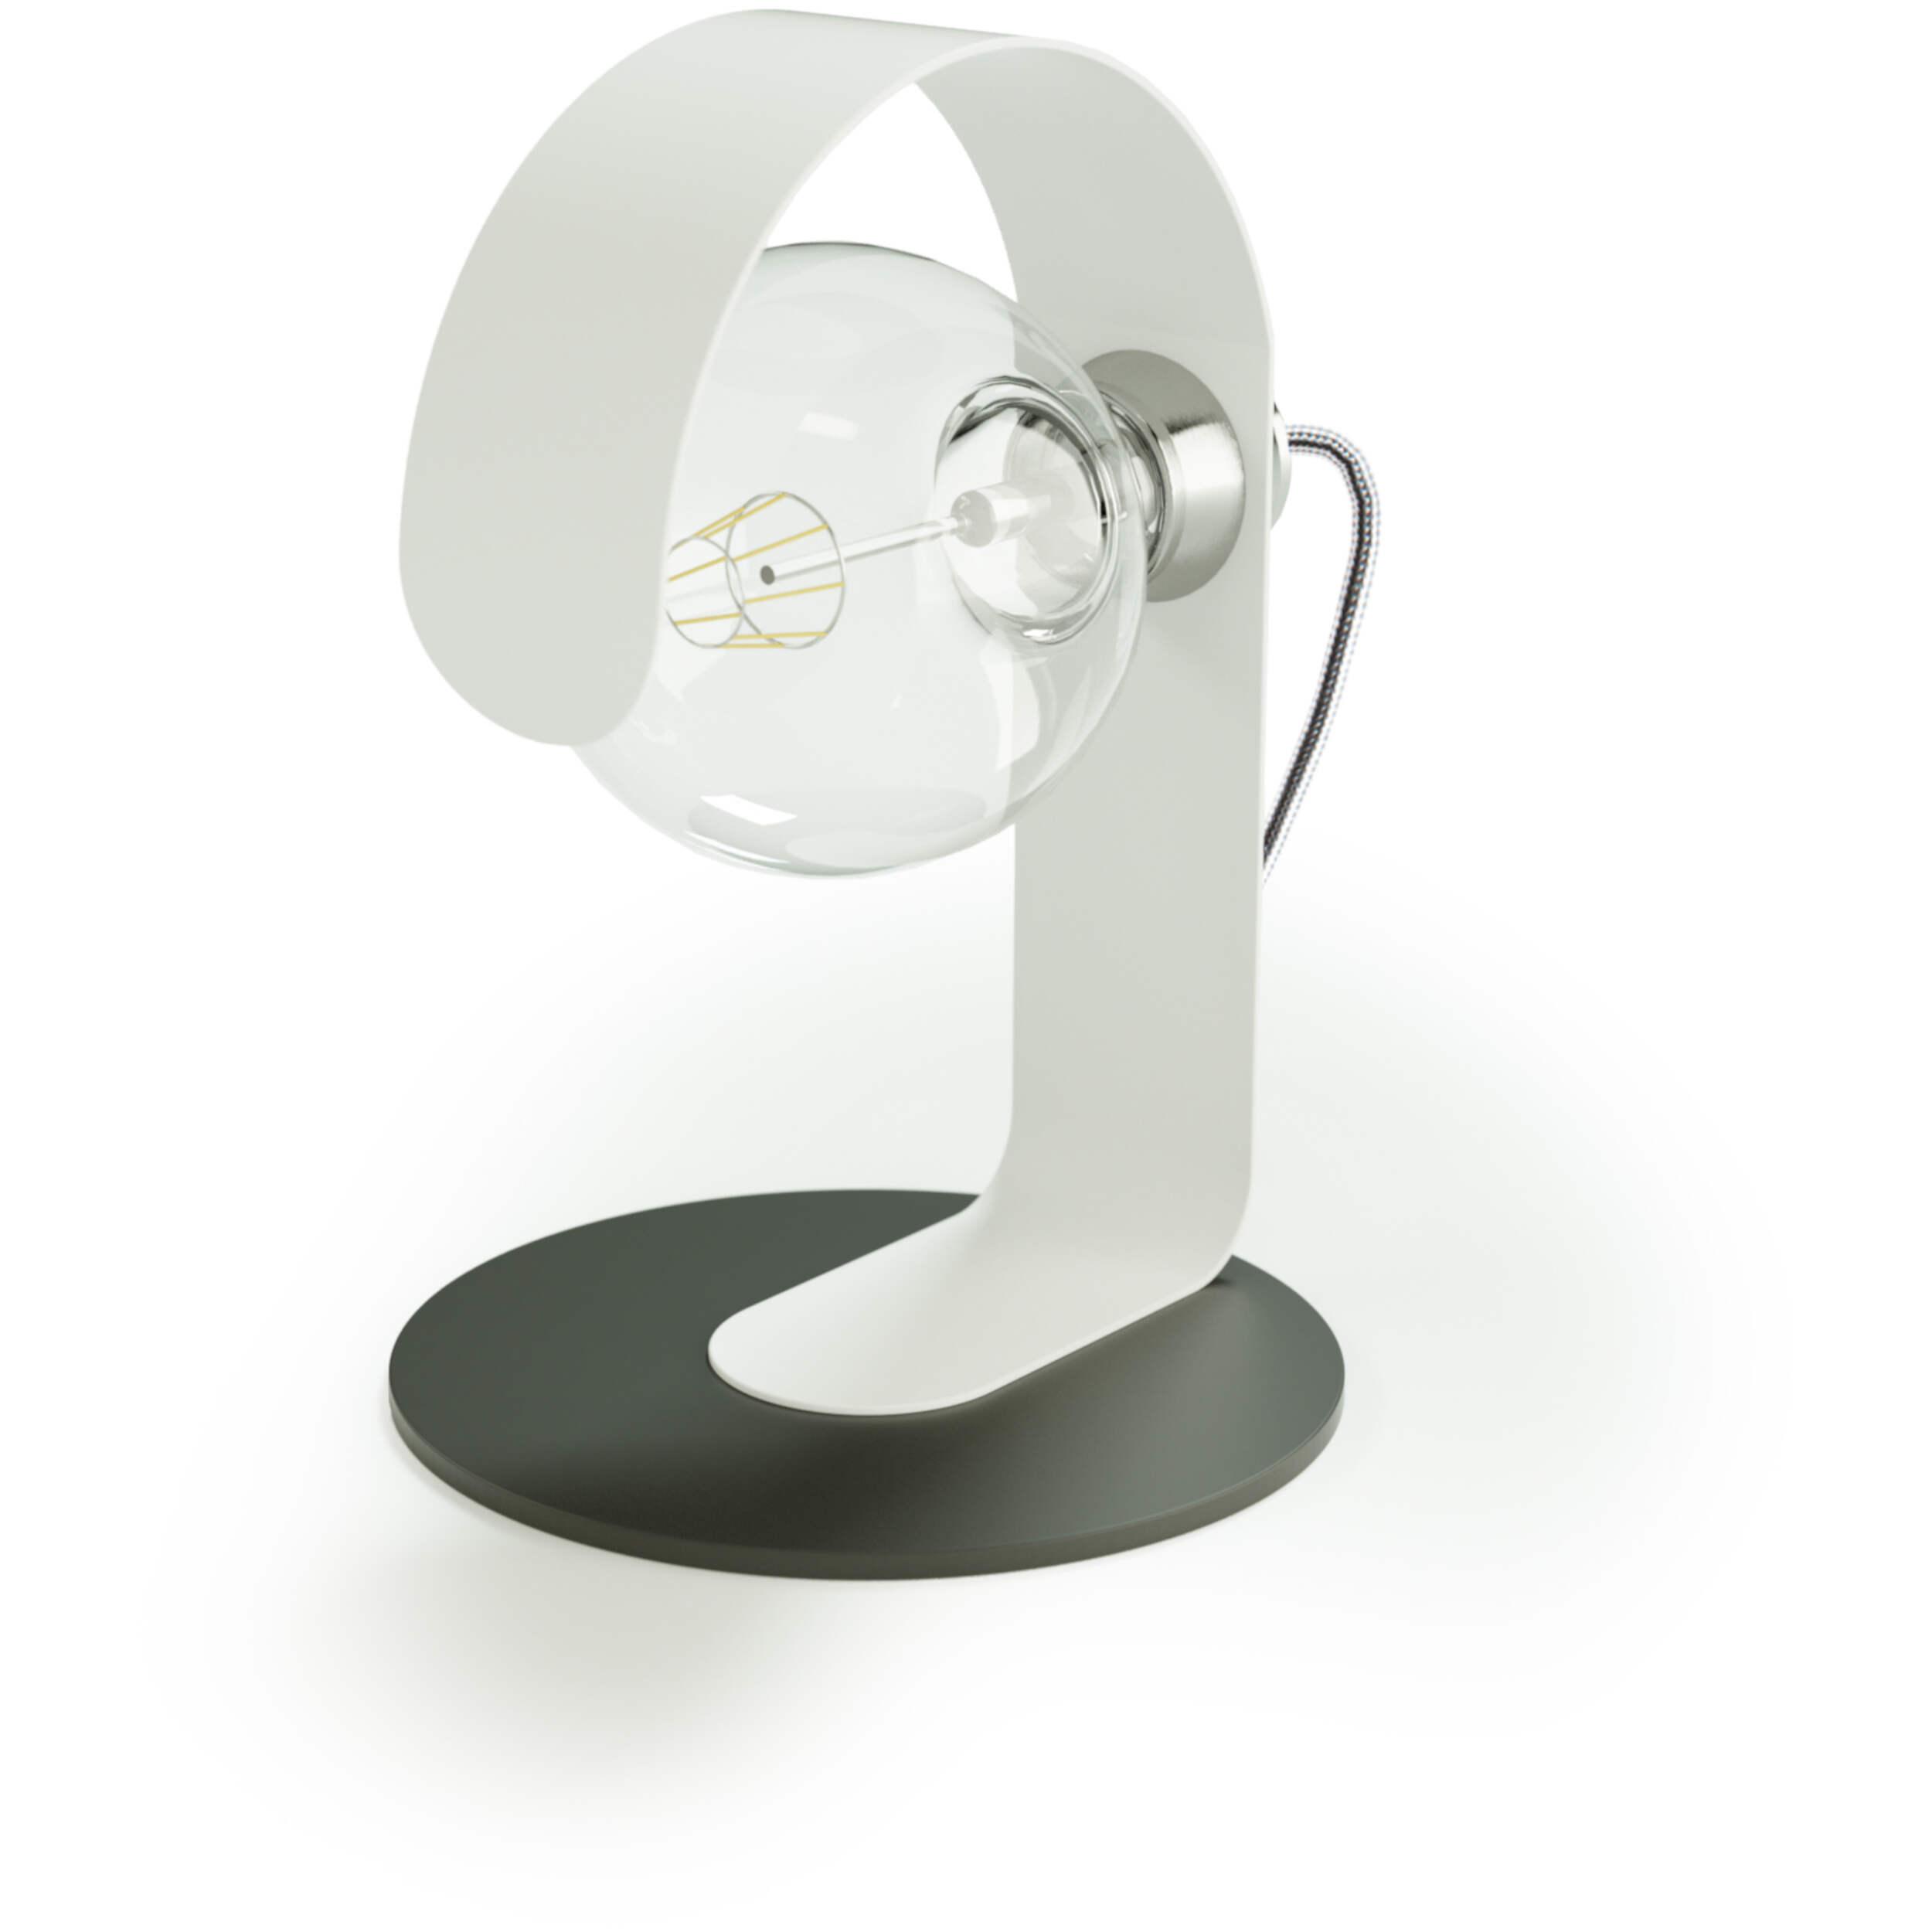 Lampada Da Tavolo Effe In Acciaio Verniciato Diametro 20x20xh 30 Cm Attacco E 27 Base Nera Body Bianco Santomaro Design Stilcasa Net Lampade Da Terra